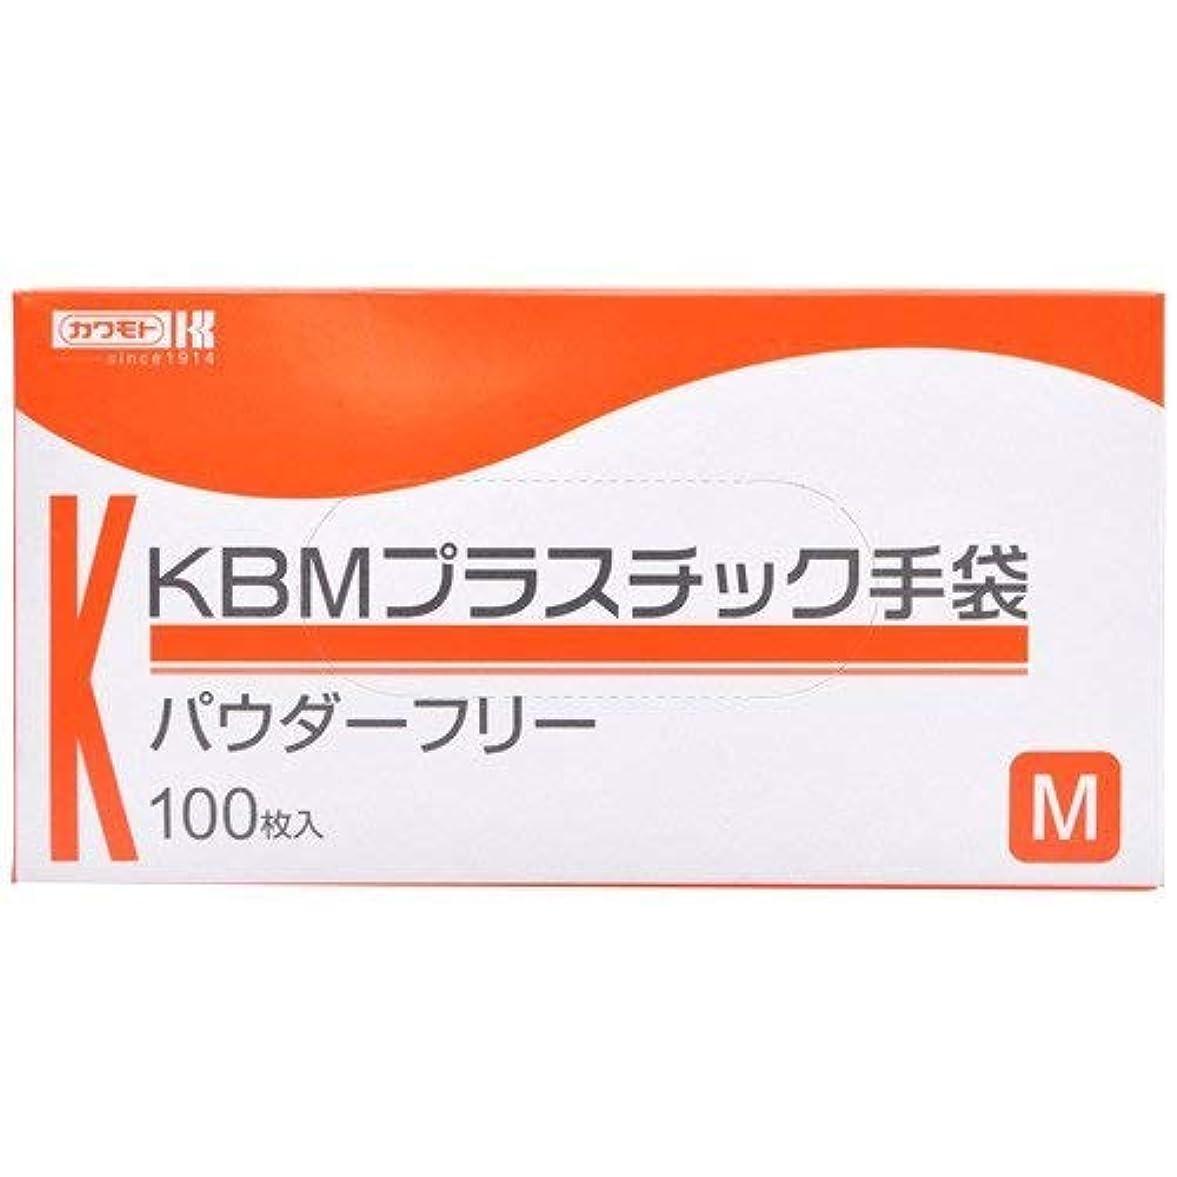 線形見ましたコンペ川本産業 KBMプラスチック手袋 パウダーフリー M 100枚入 ×2個